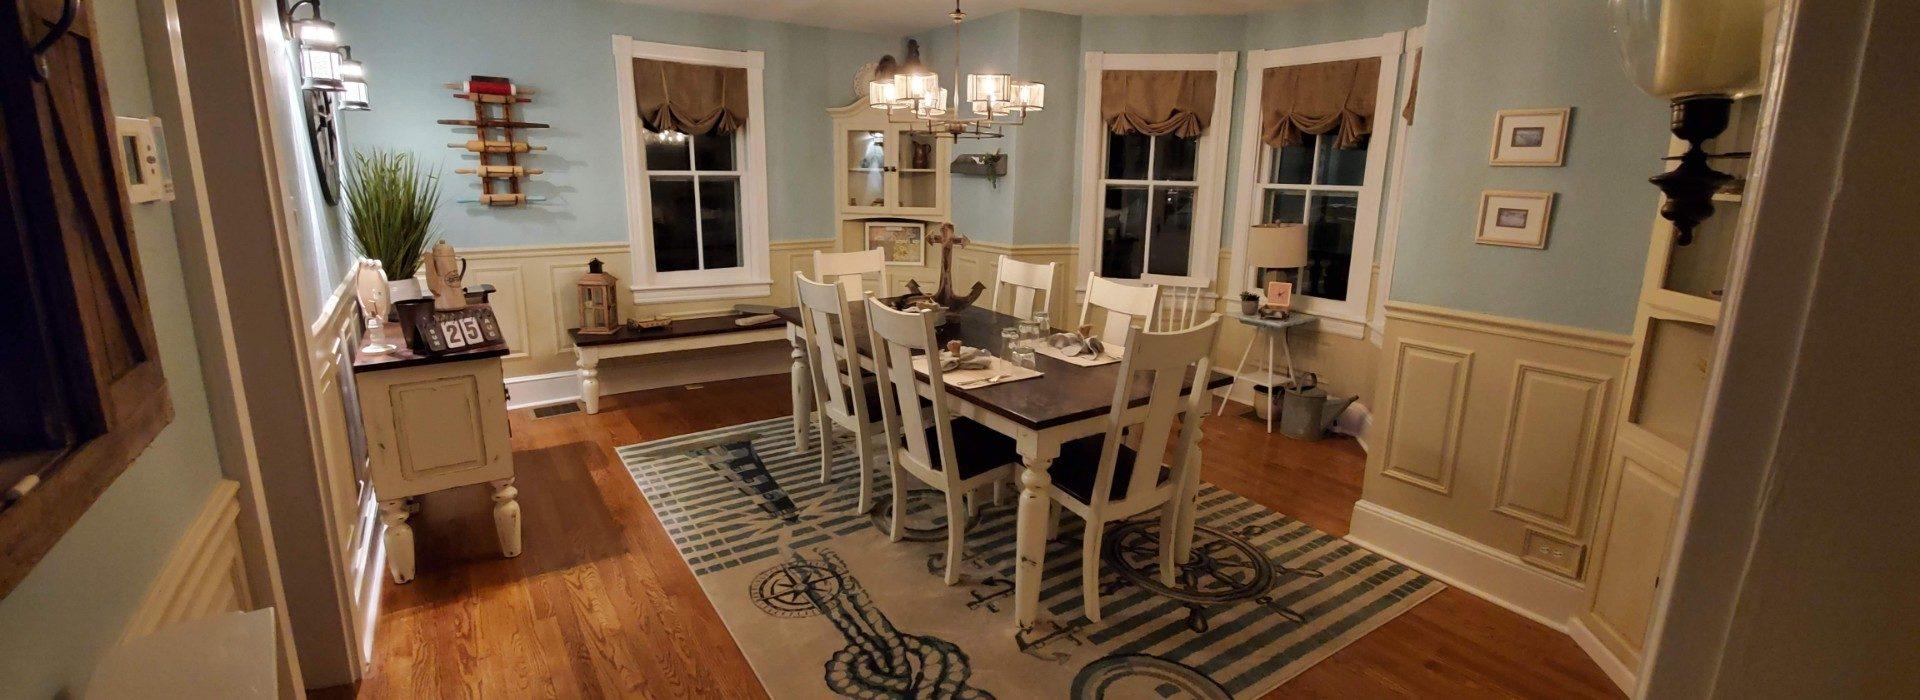 dining room 1920 700